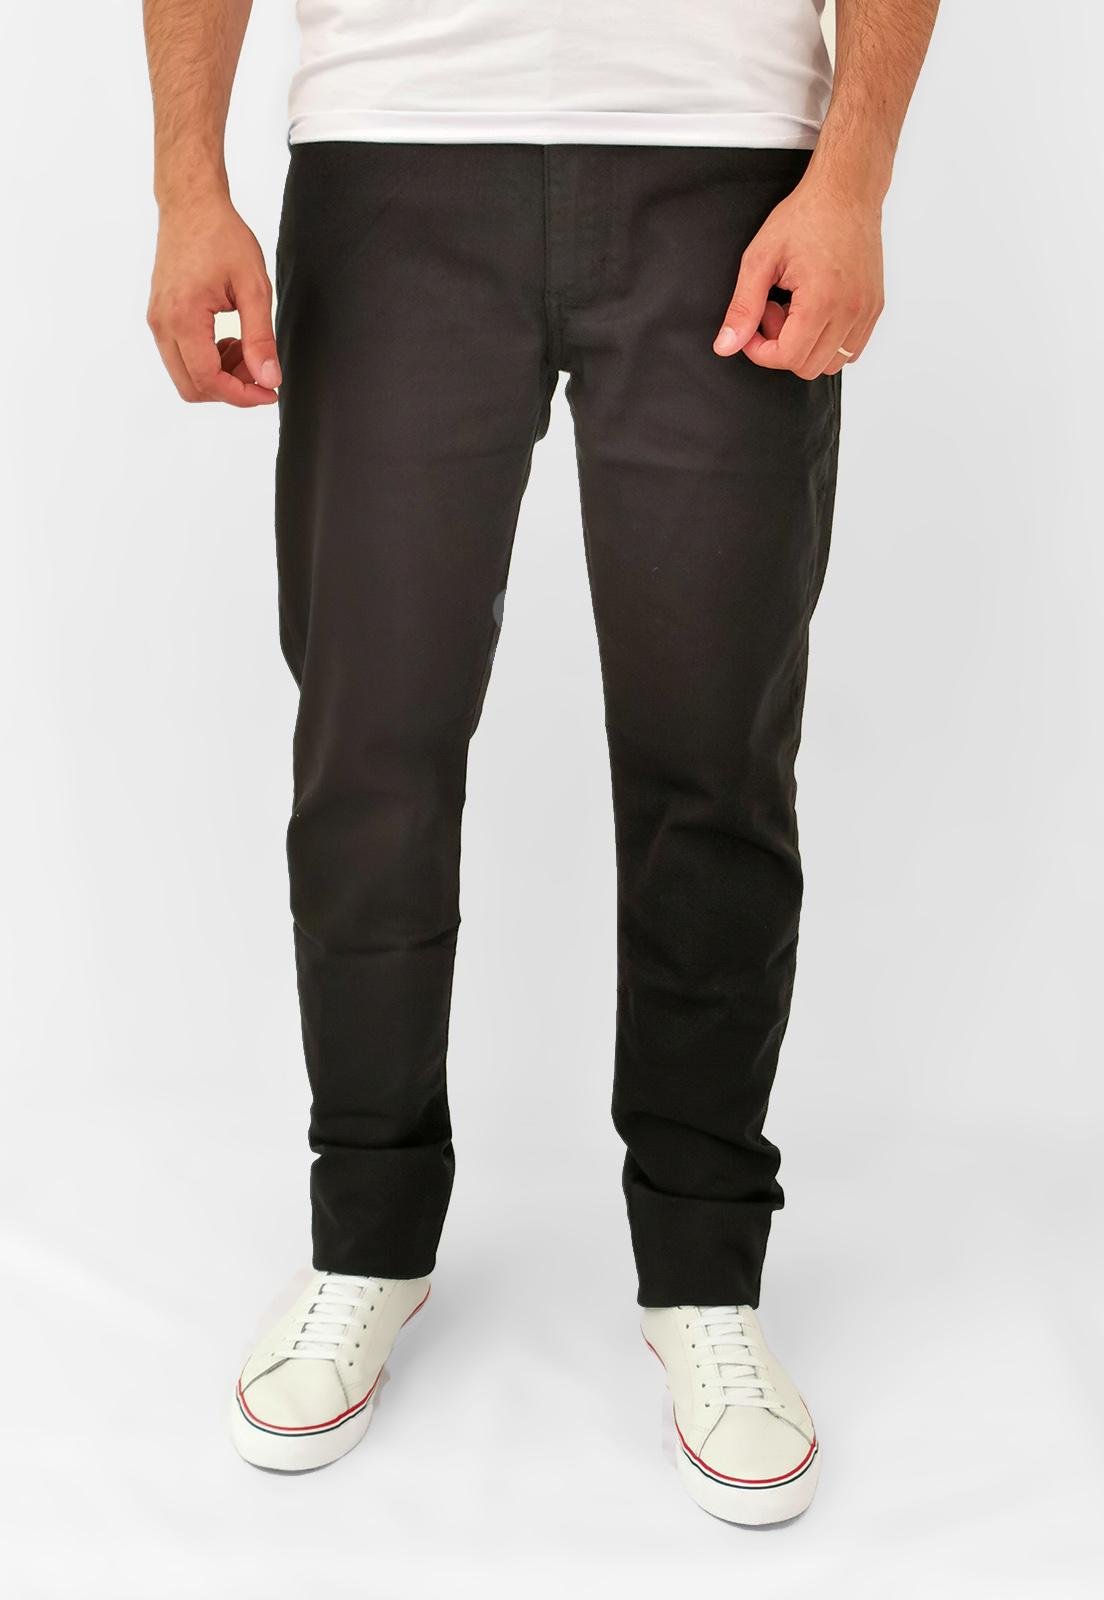 Calça Jeans Whisky Preto Confort